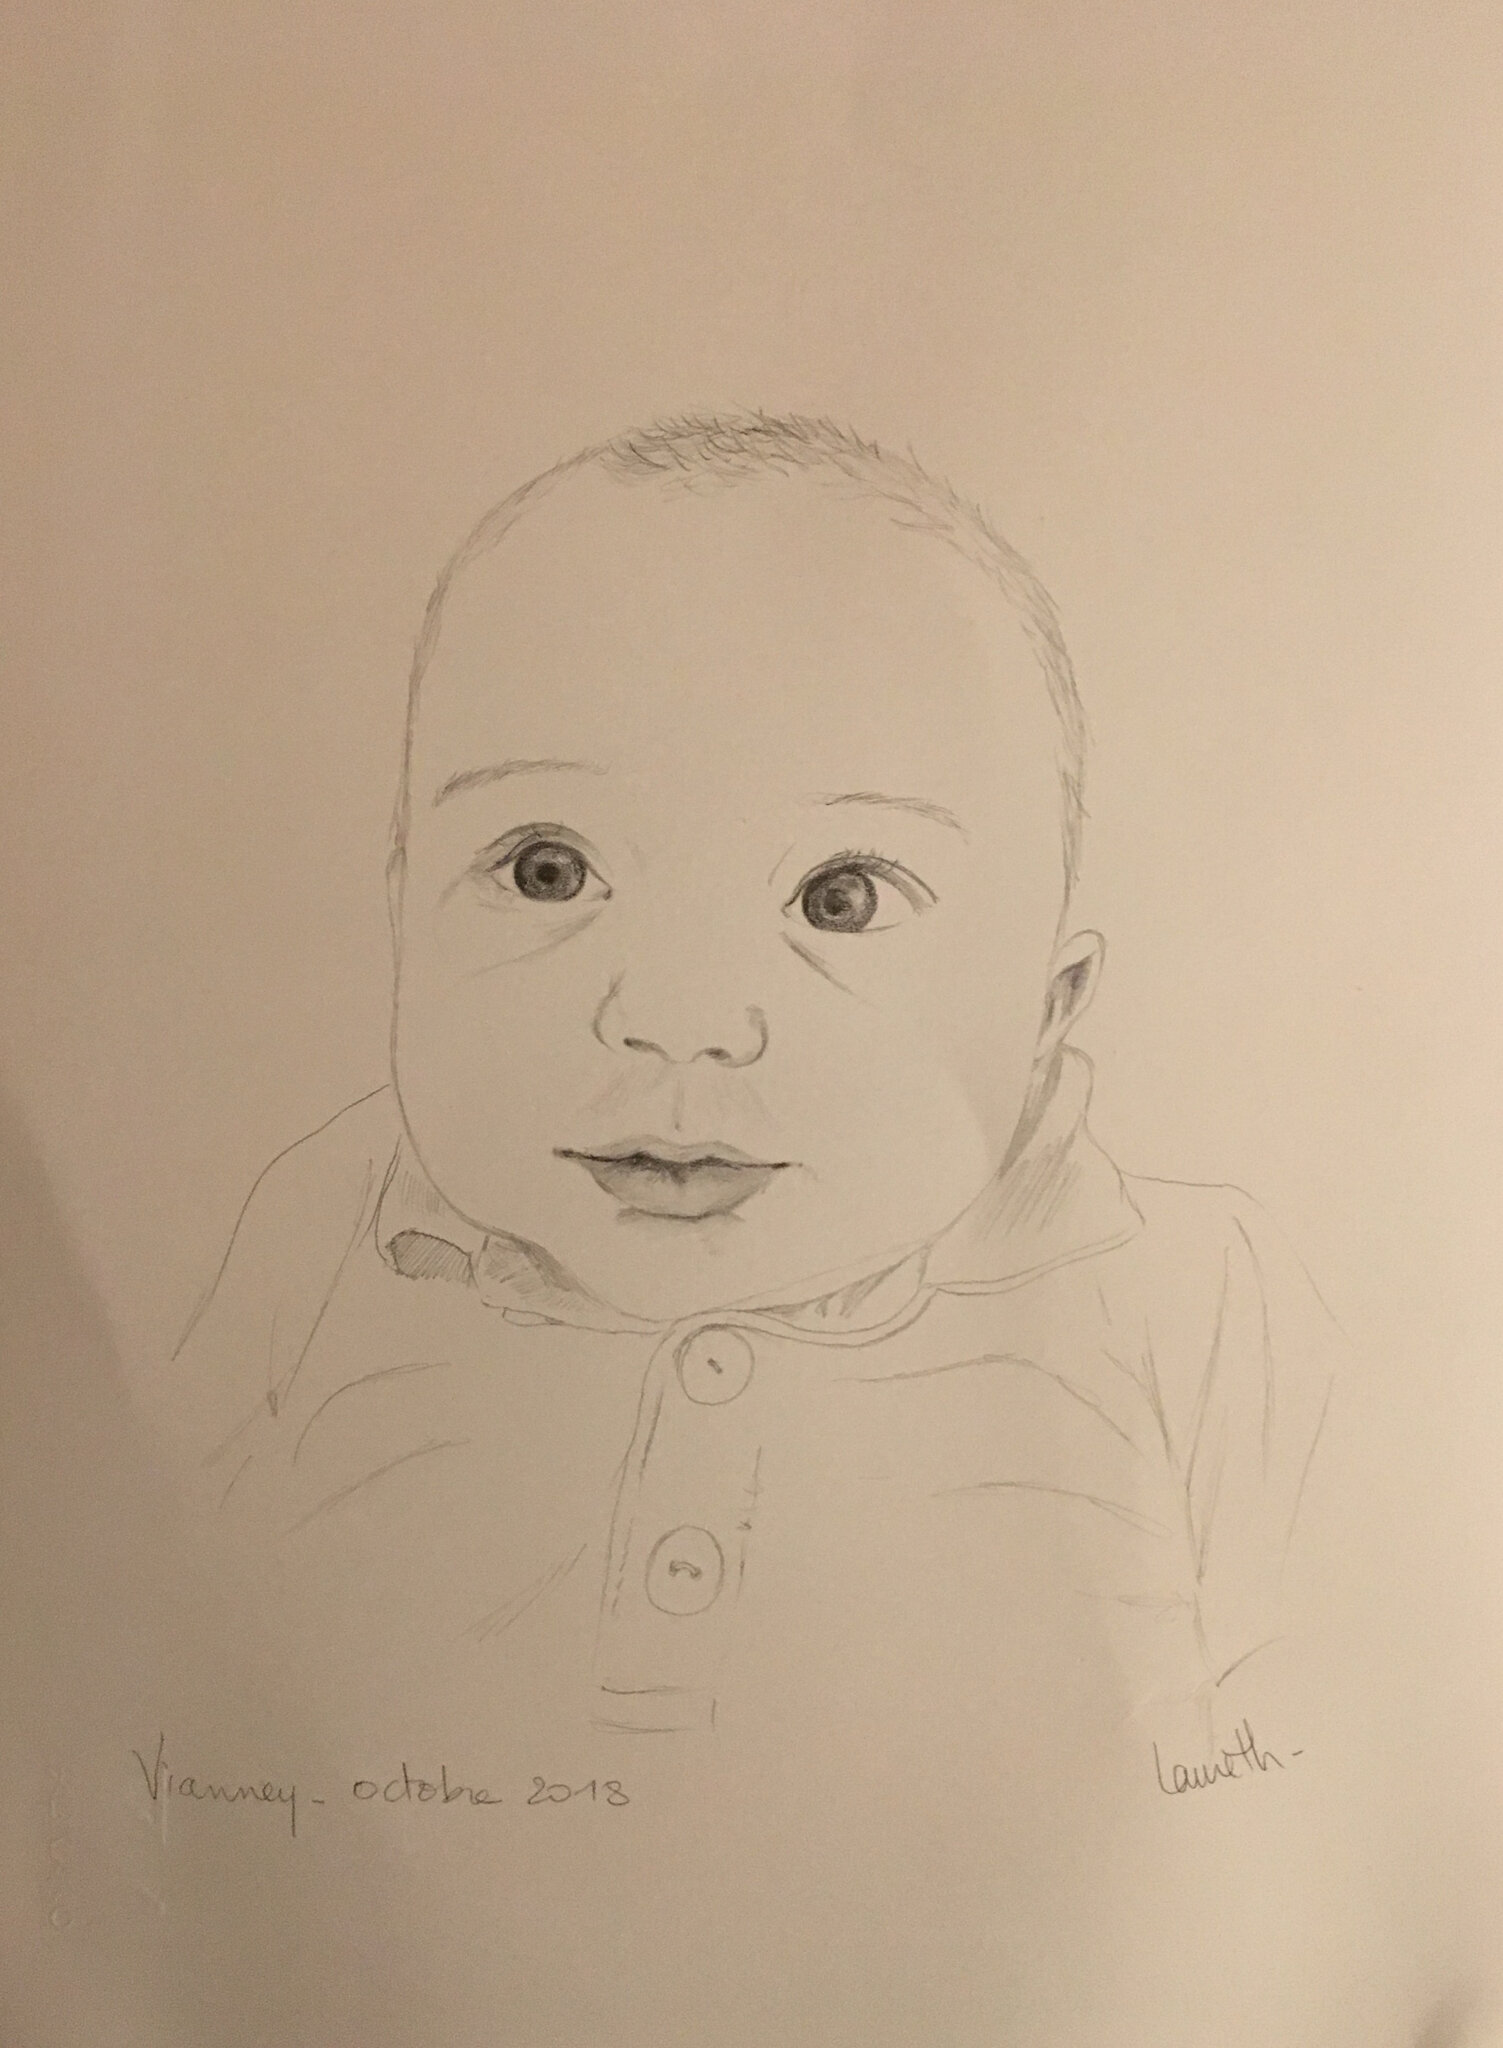 portrait Vianney